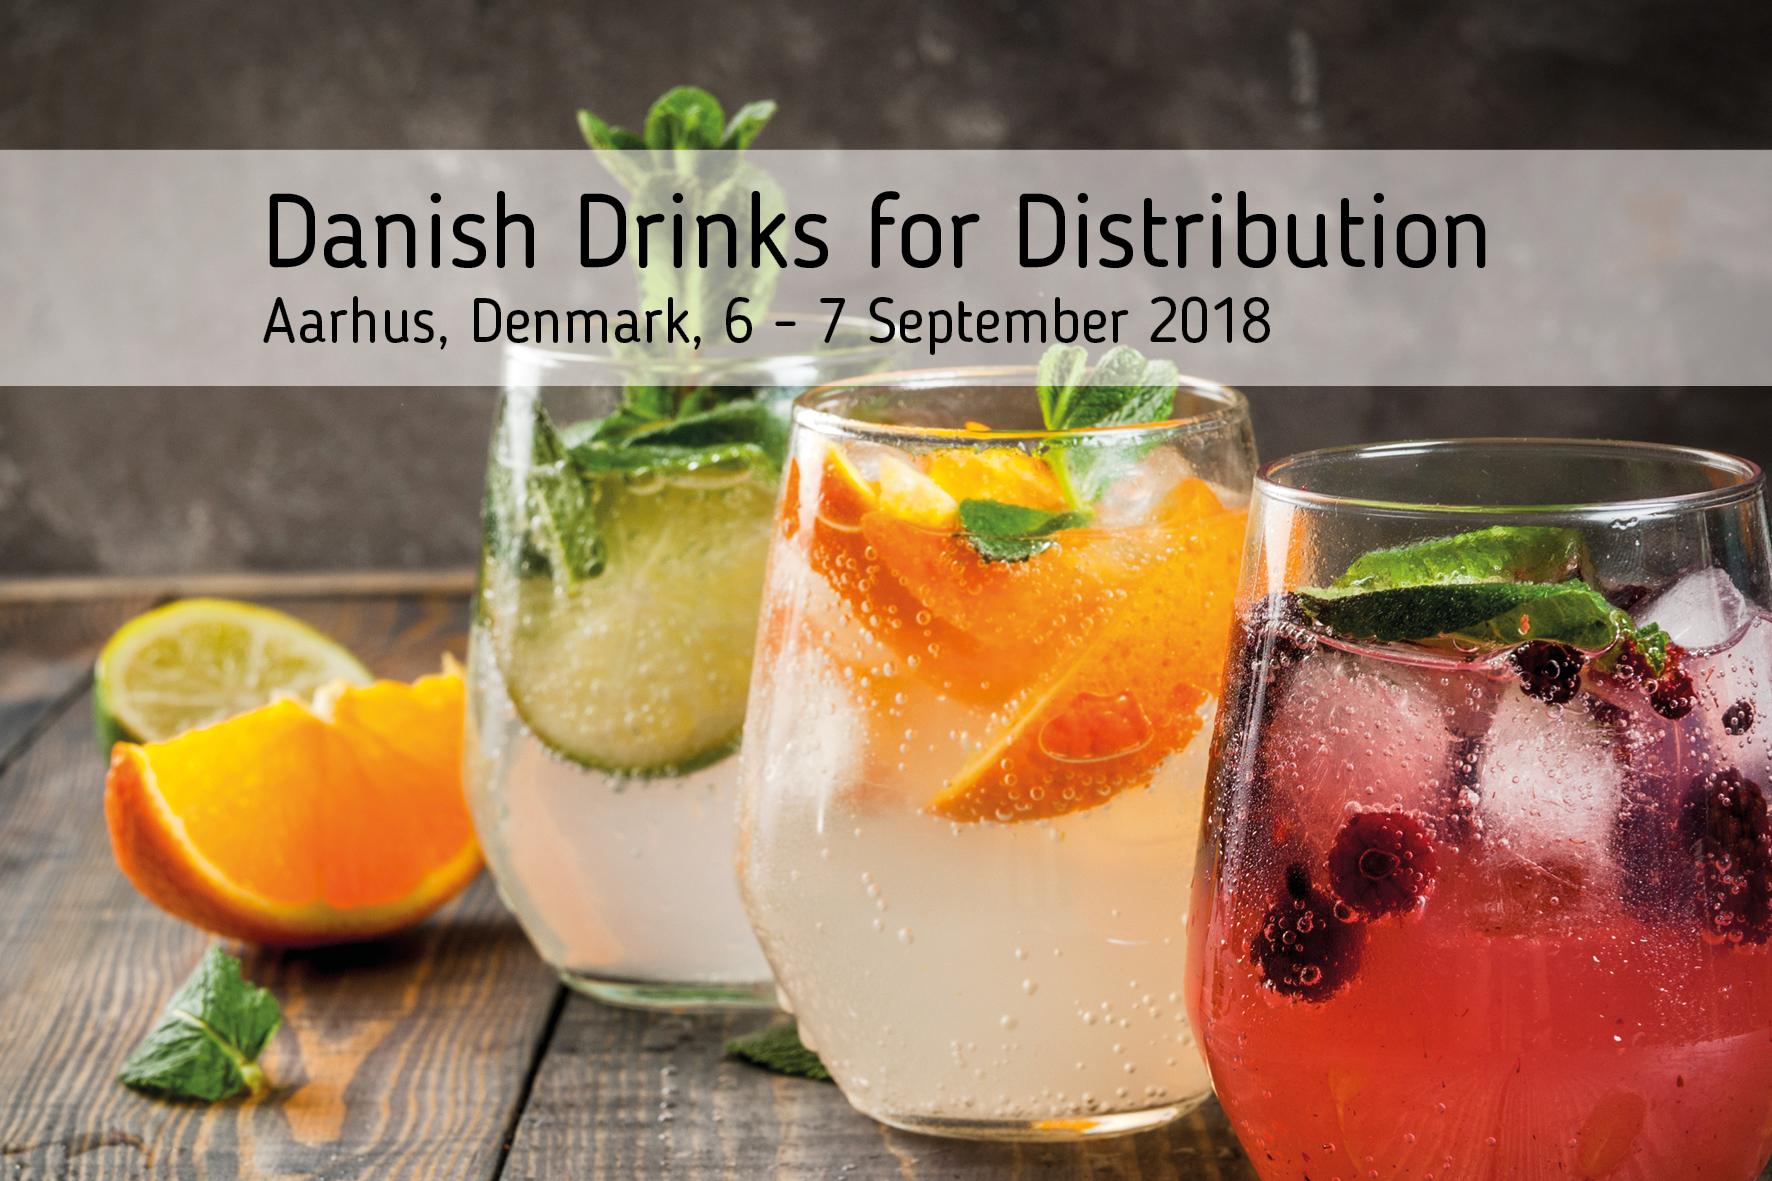 Danish Drinks for Distribution 2018_JPG.jpg